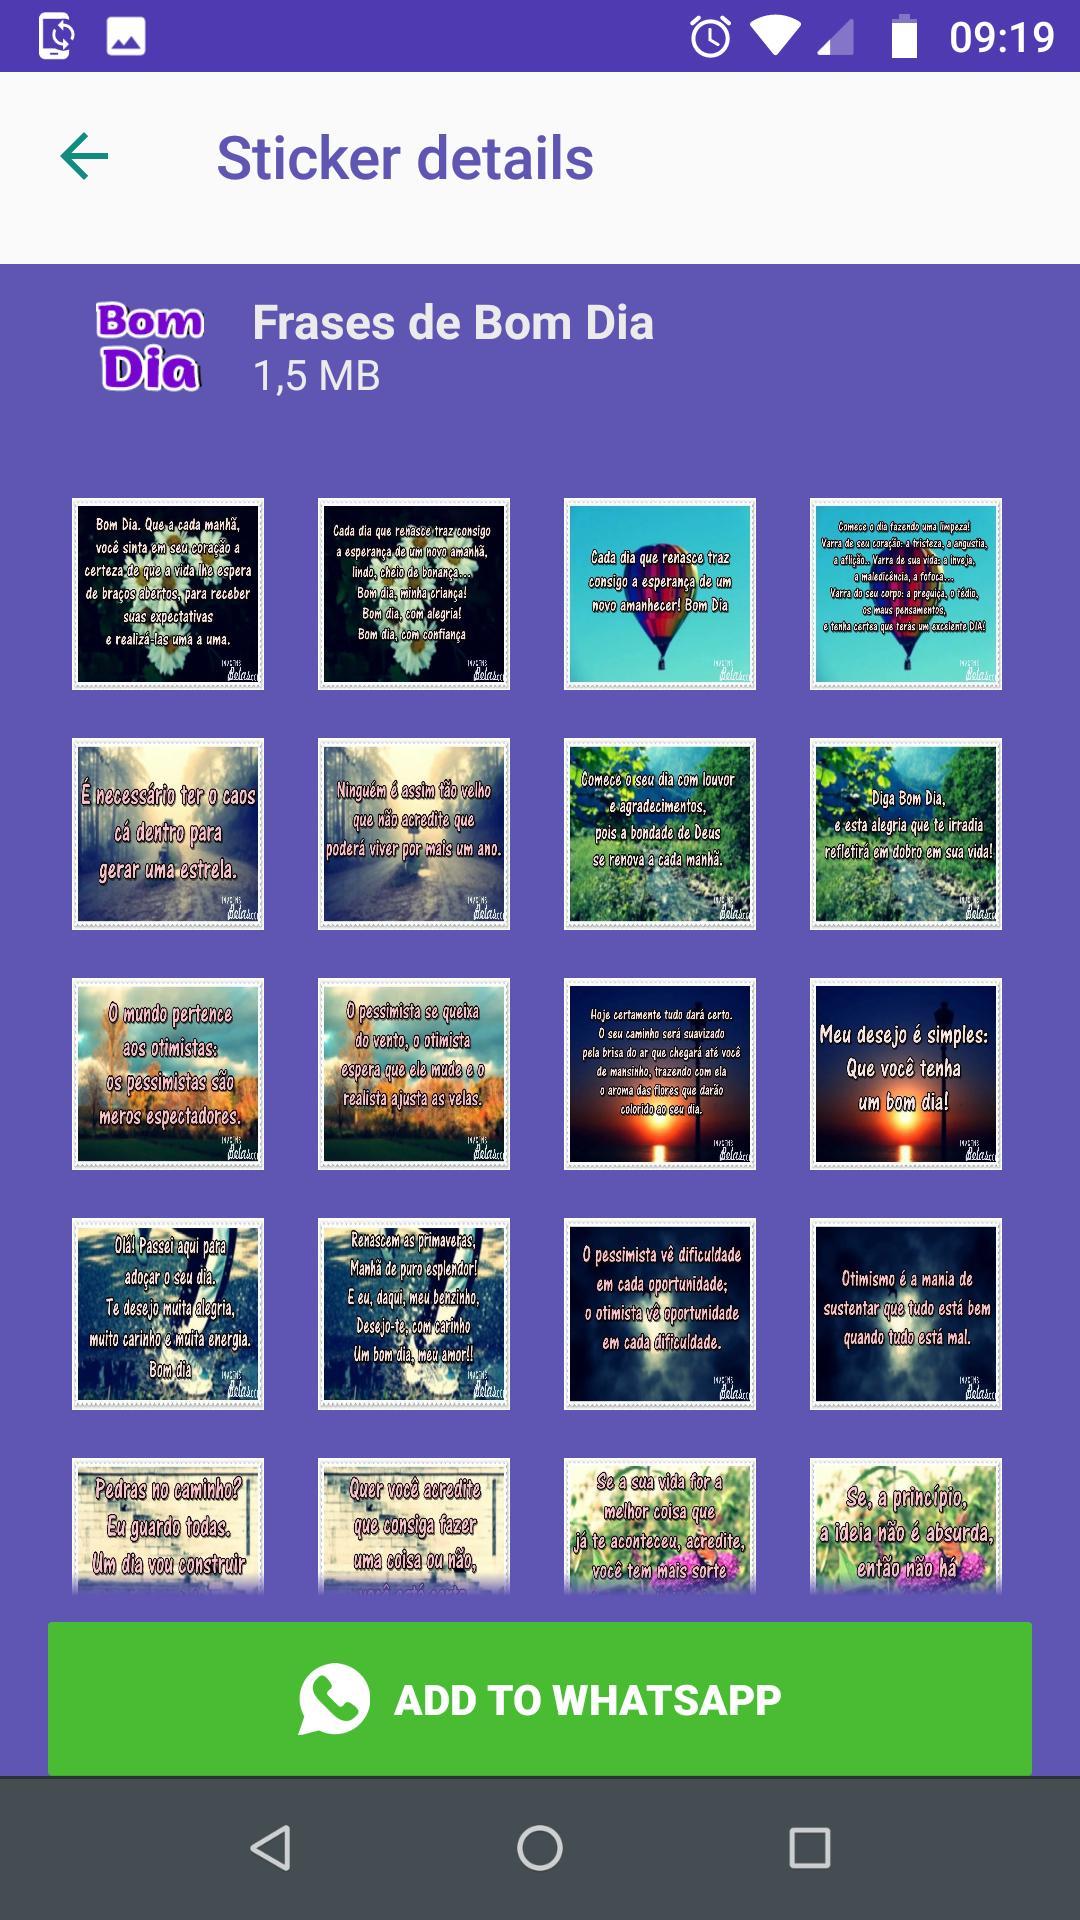 Frases De Figurinhas De Bom Dia For Android Apk Download